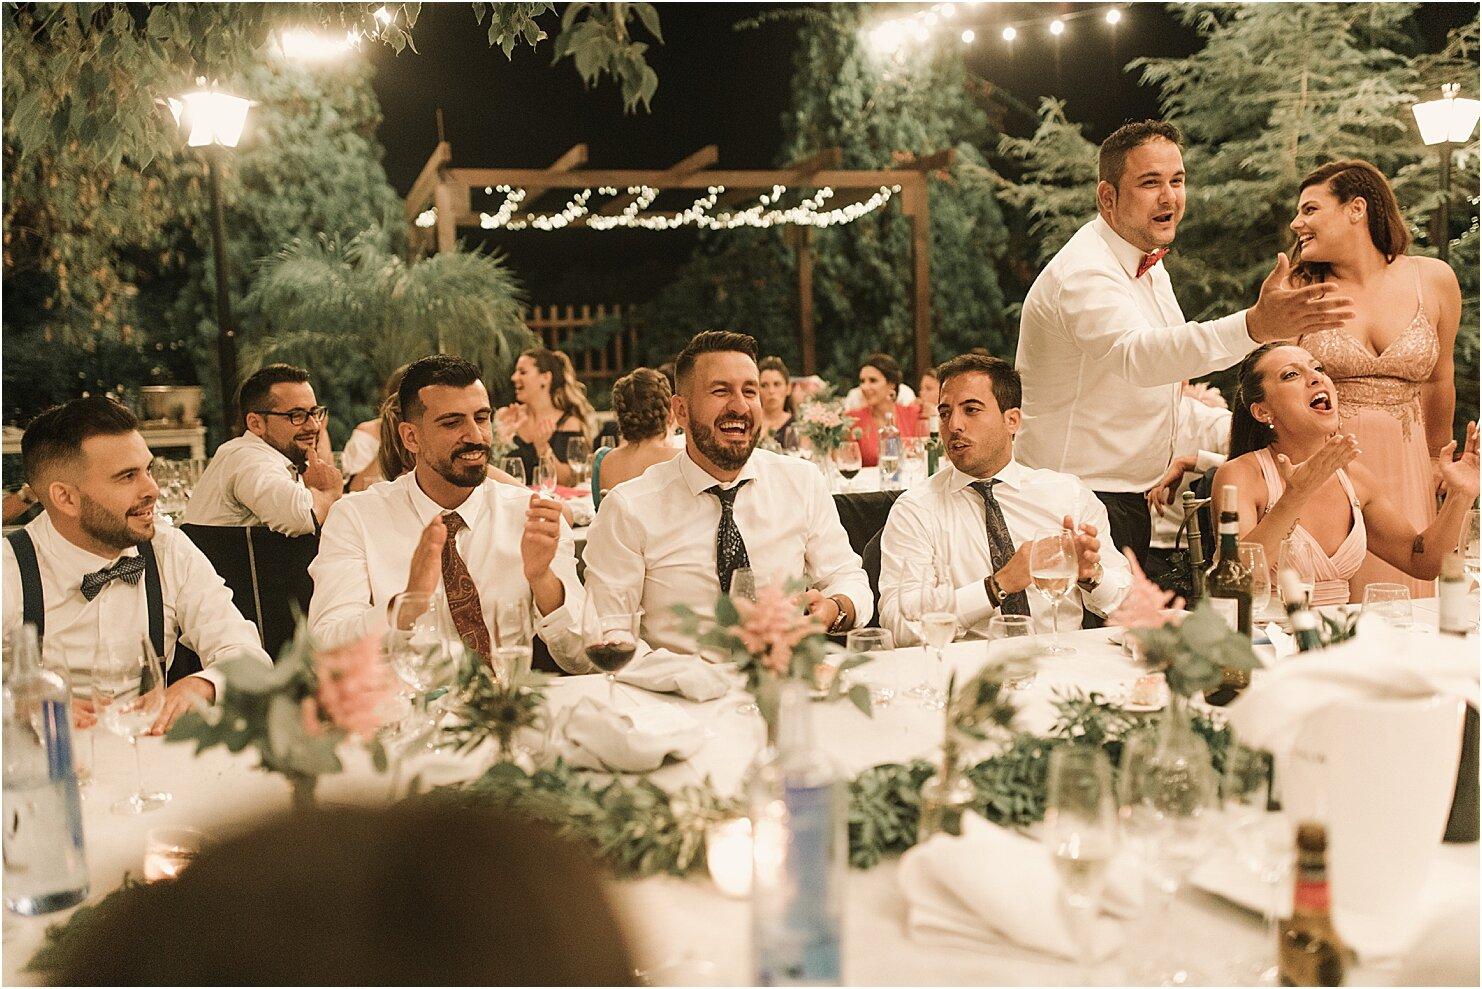 boda-romantica-boda-boho-vestido-de-novia-laura-lomas91.jpg